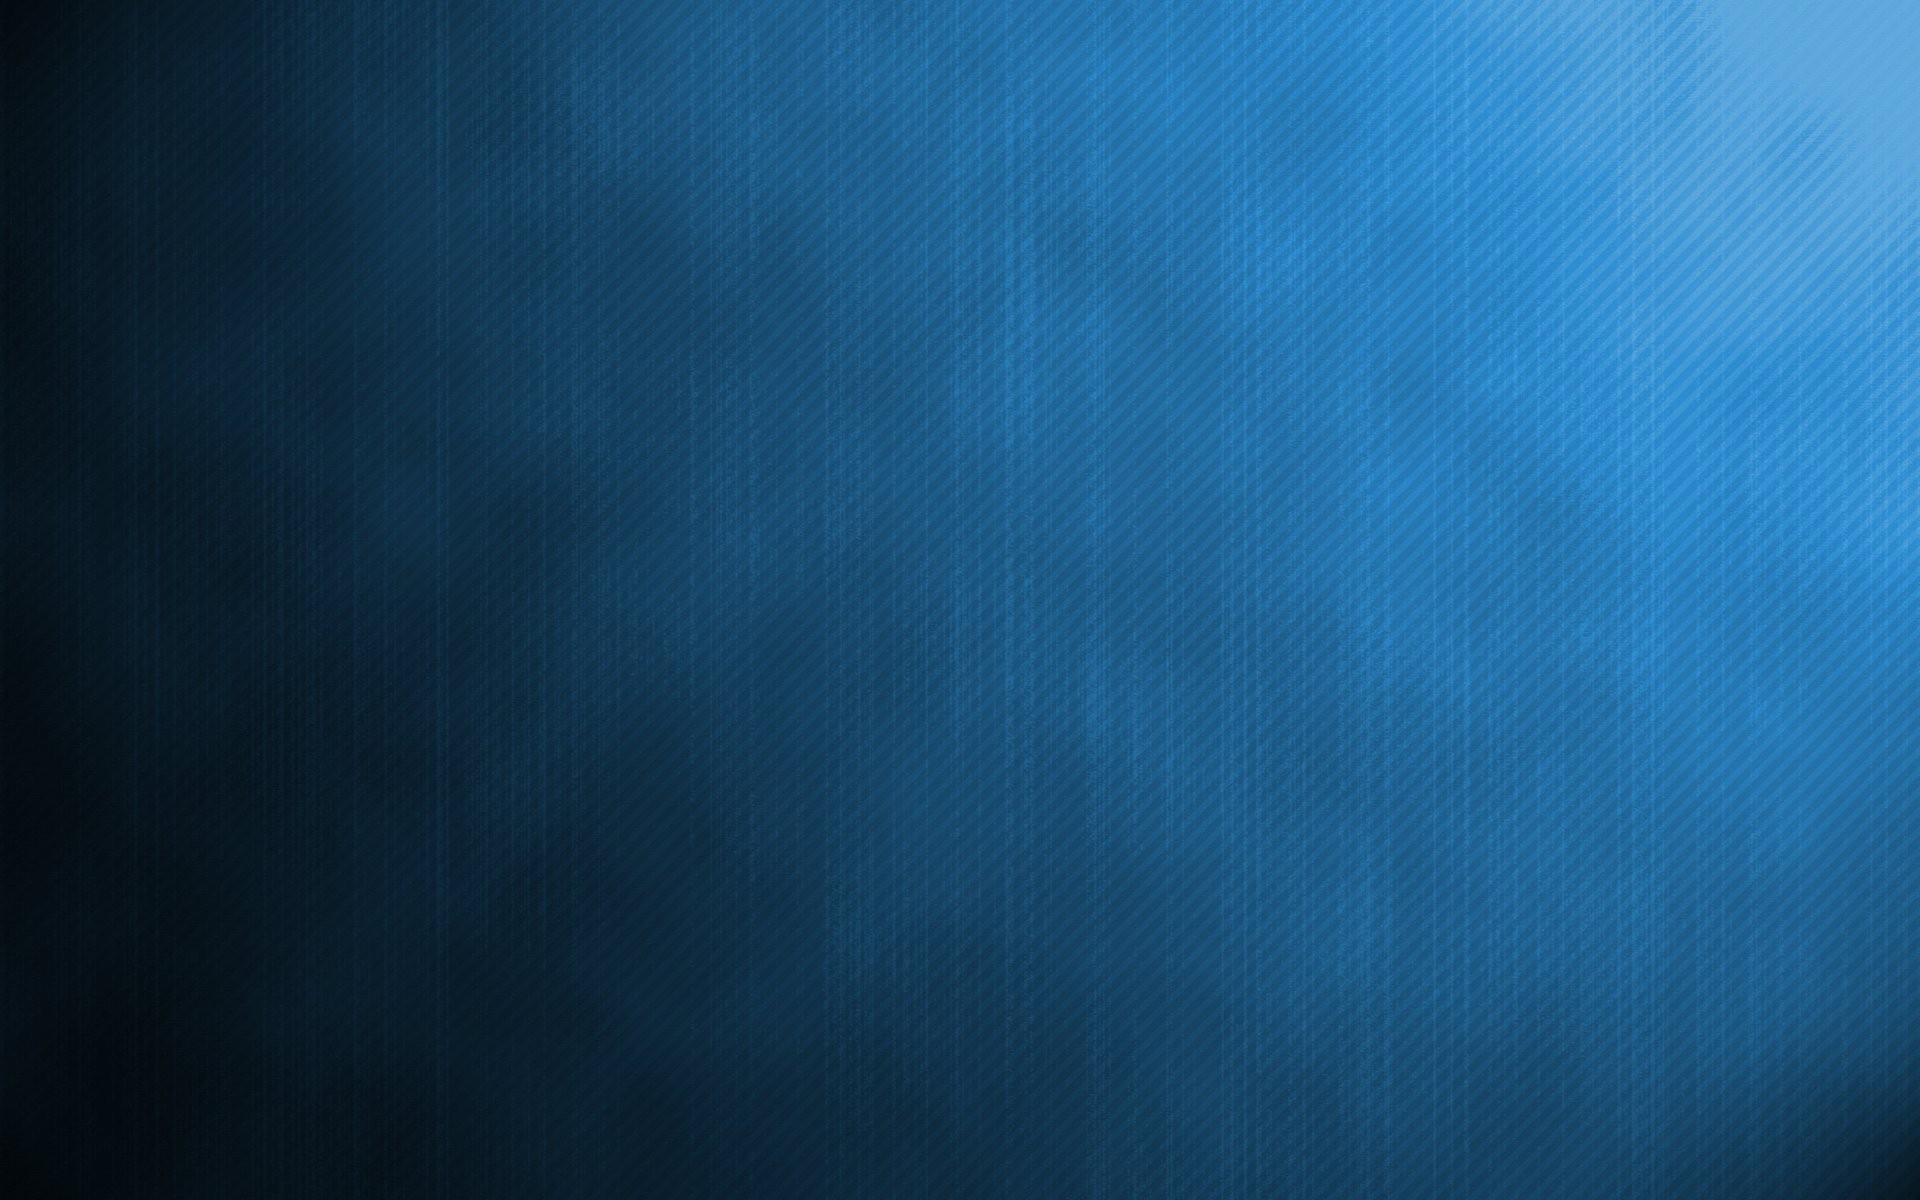 Fond Bleu Pour Powerpoint Fond D Ecran Powerpoint 1920x1200 Wallpapertip